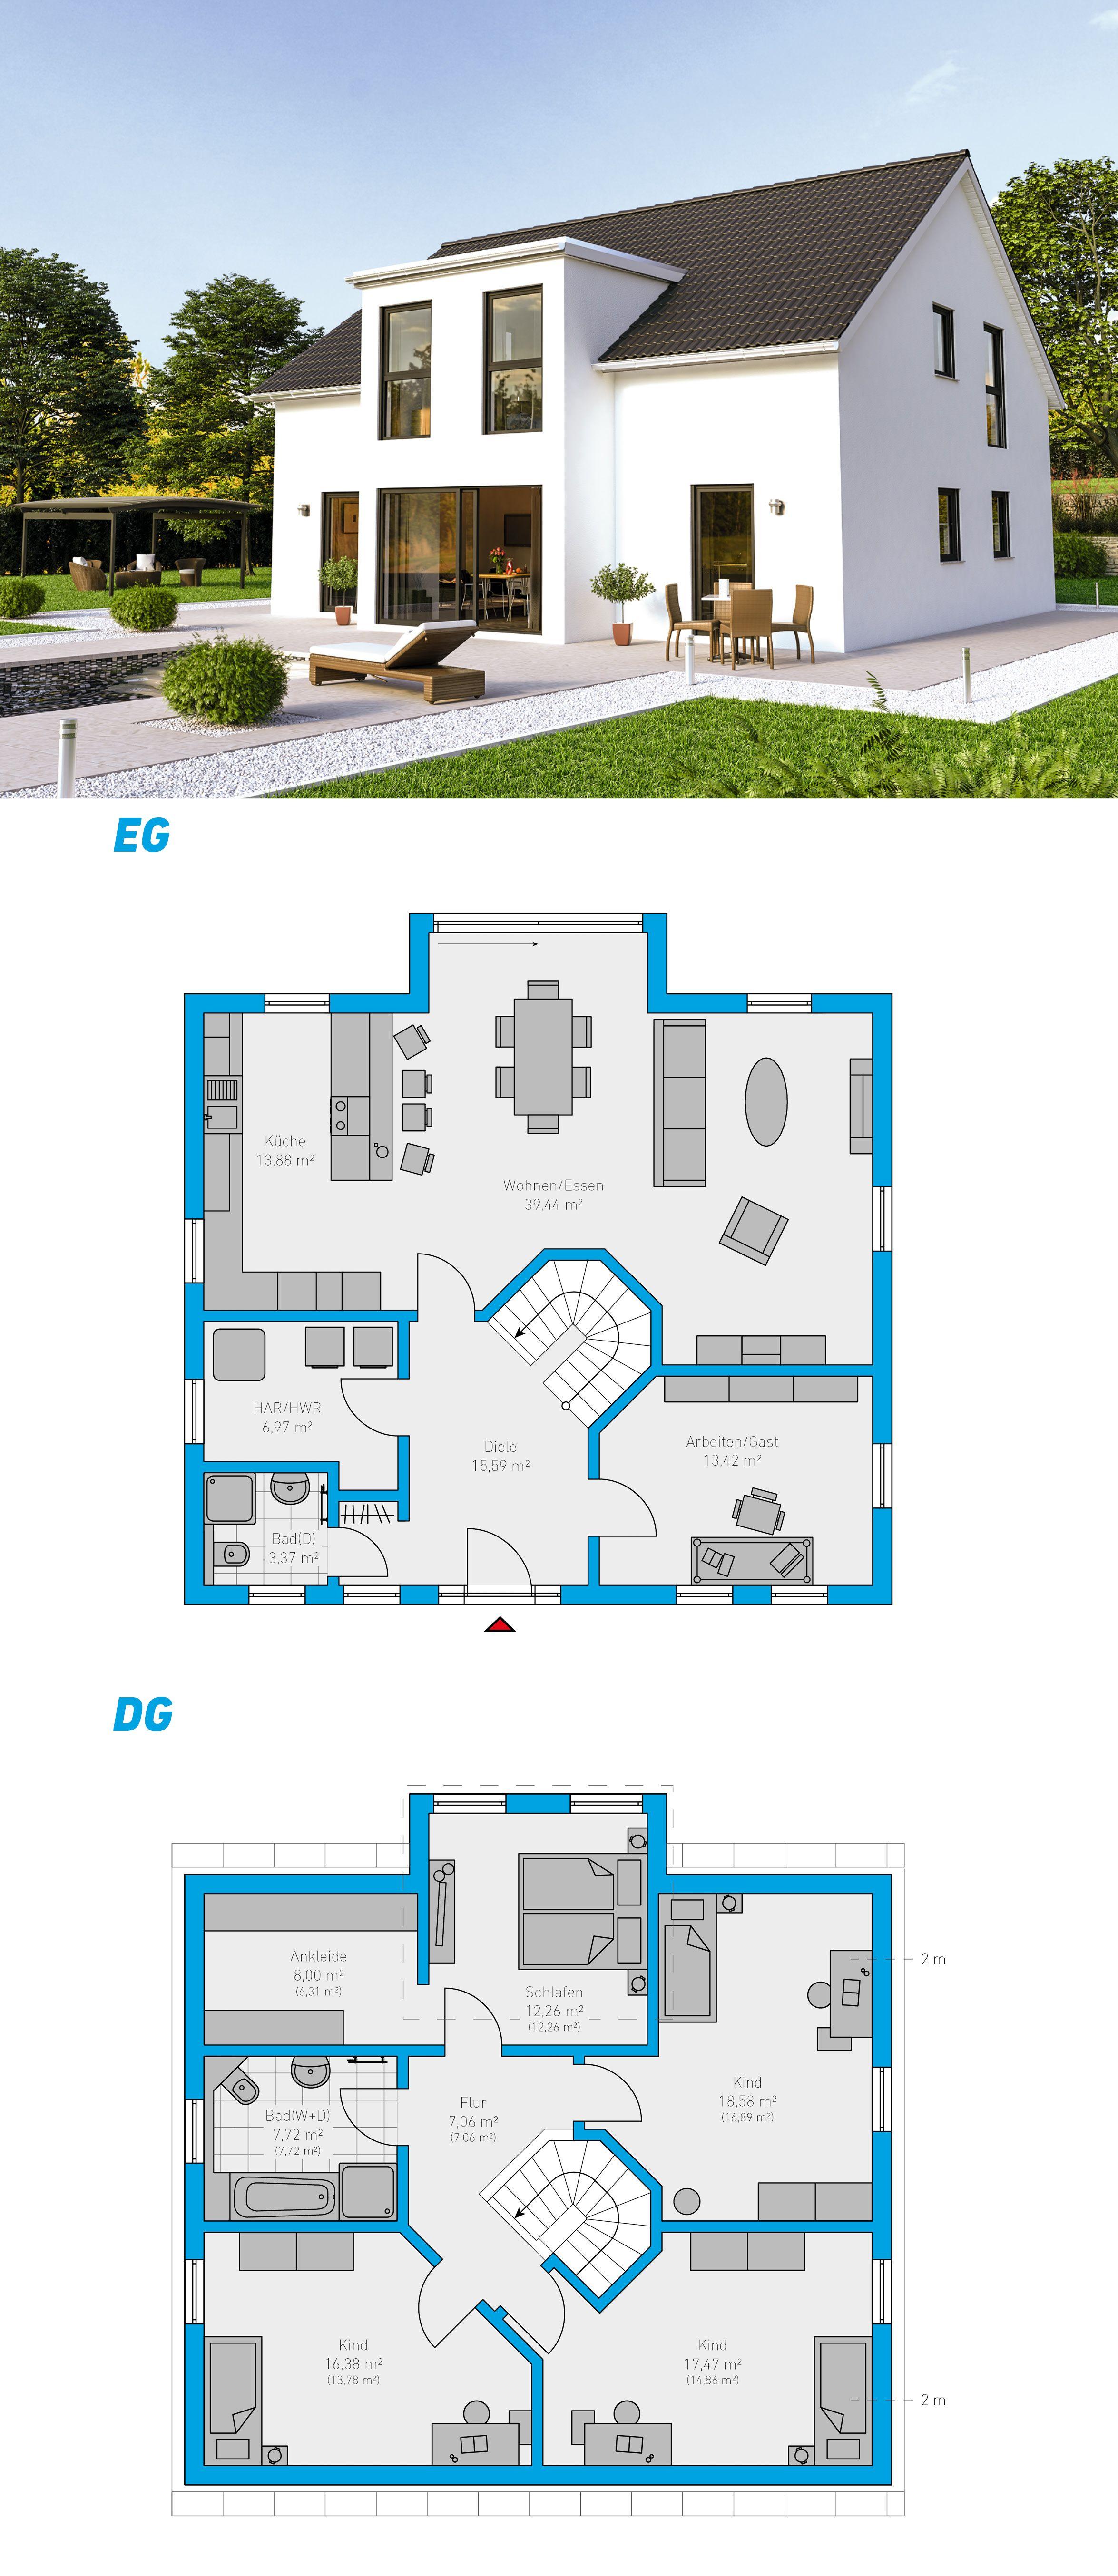 clarus 180 schl sselfertiges massivhaus 1 5 geschossig spektralhaus ingutenw nden 1. Black Bedroom Furniture Sets. Home Design Ideas